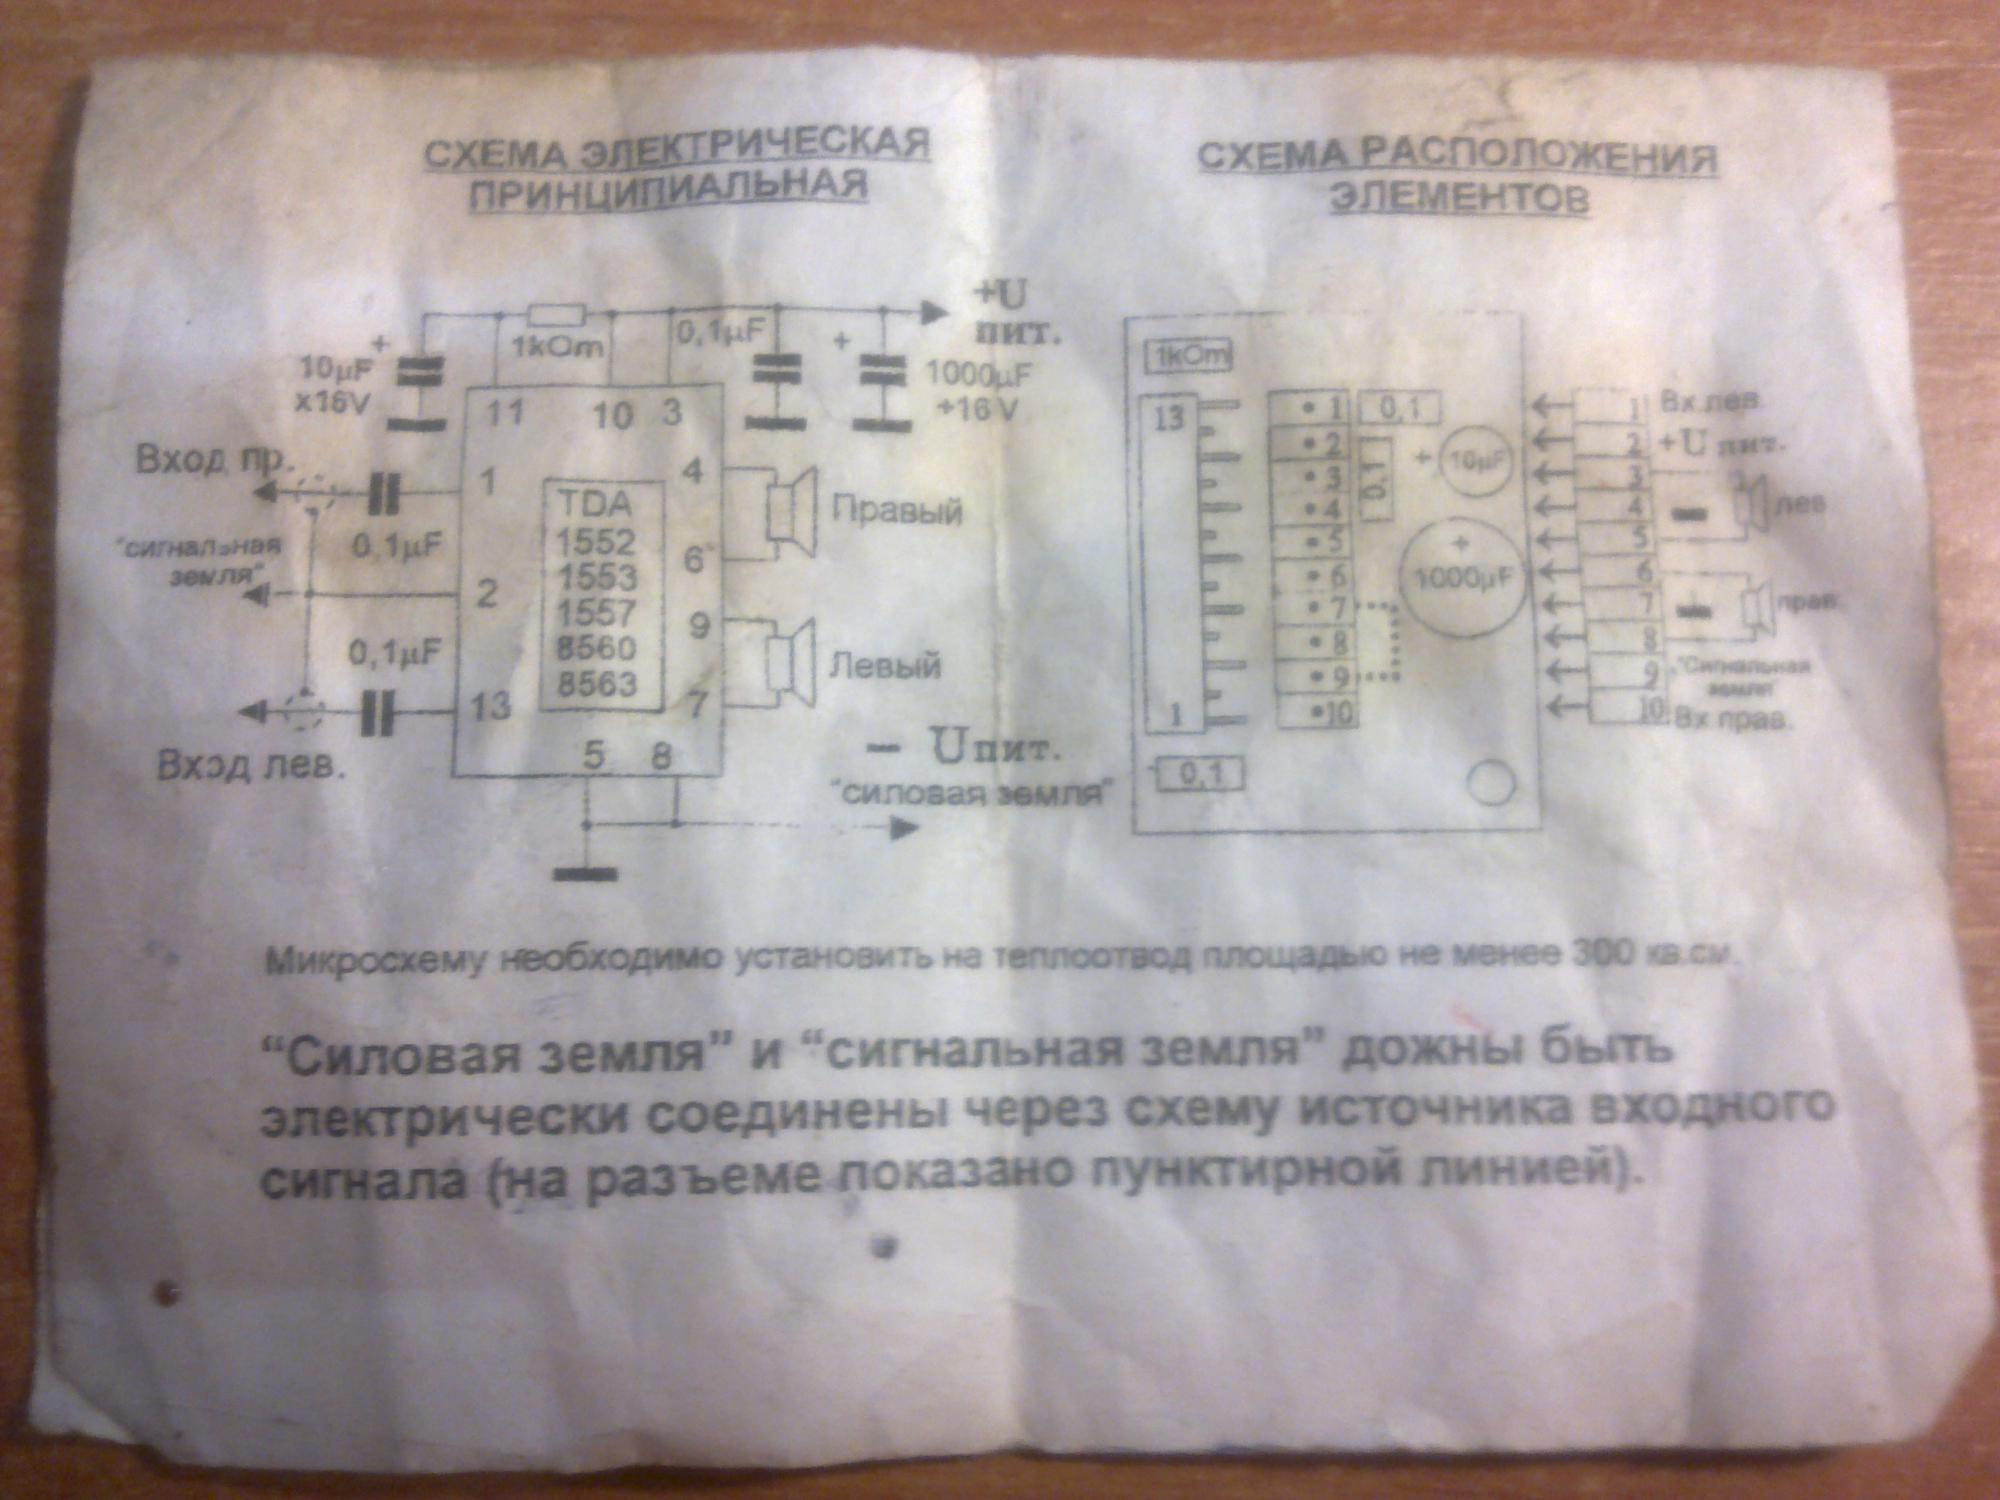 схема подключения tda 1557